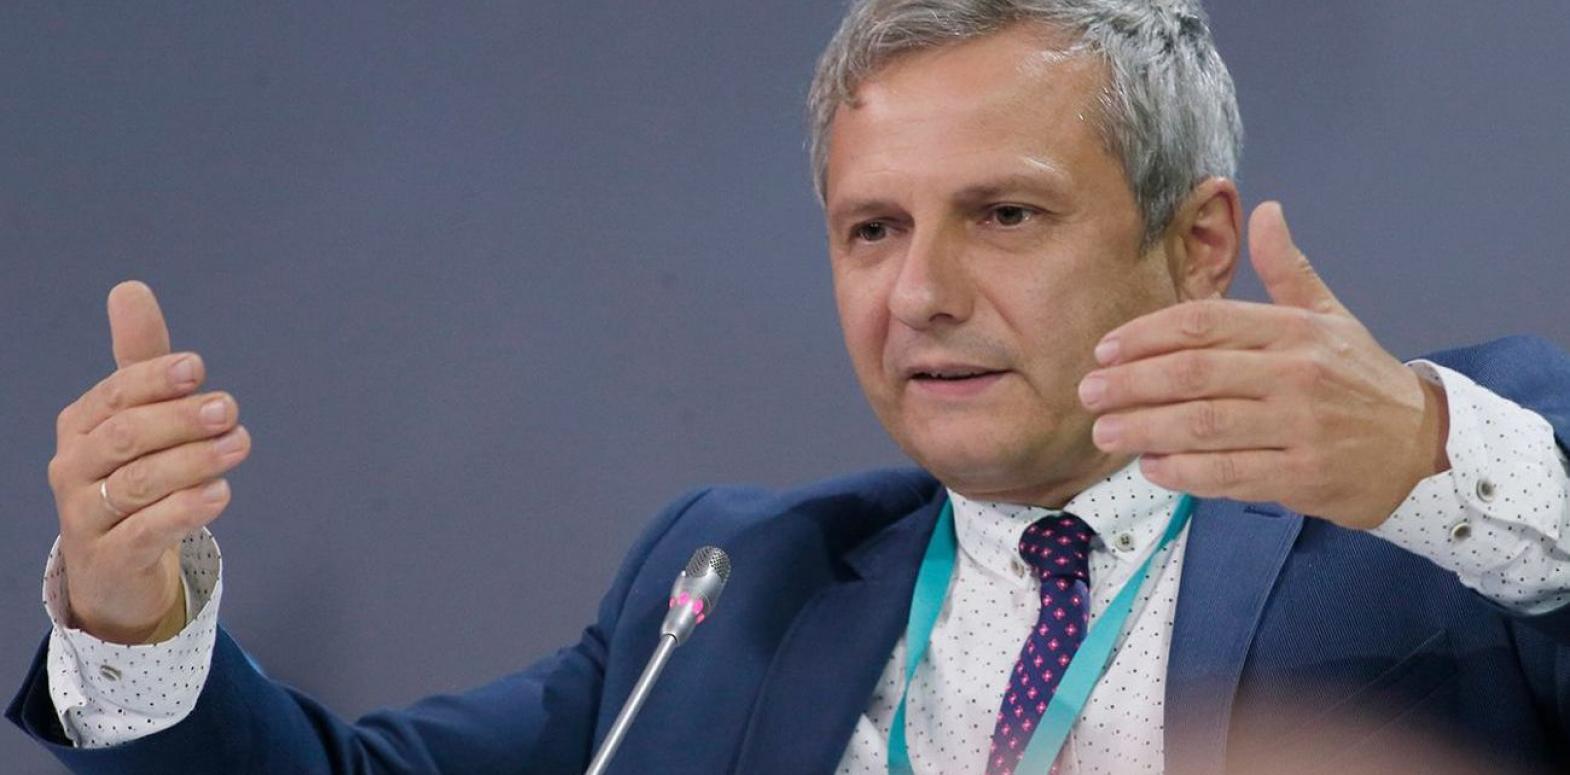 У Зеленского не против снижения налогов для бизнеса, но не сейчас